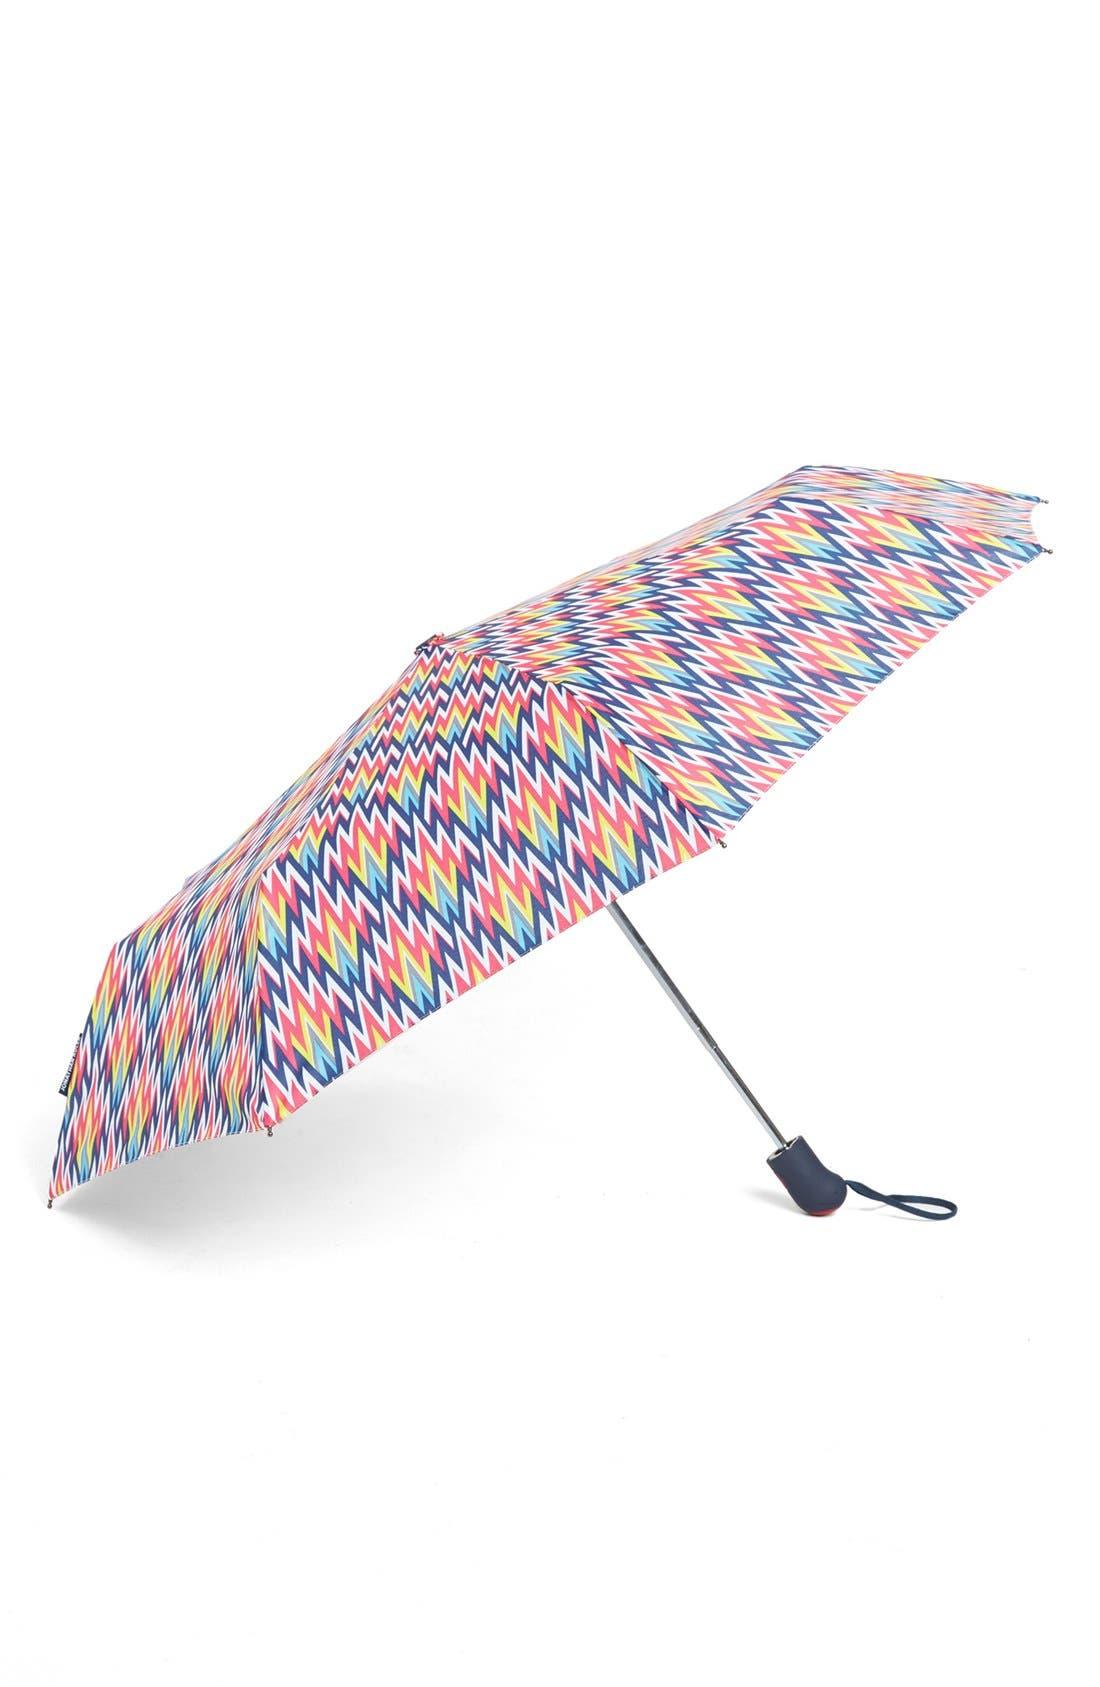 Alternate Image 1 Selected - Jonathan Adler 'Dunbar Road' Umbrella